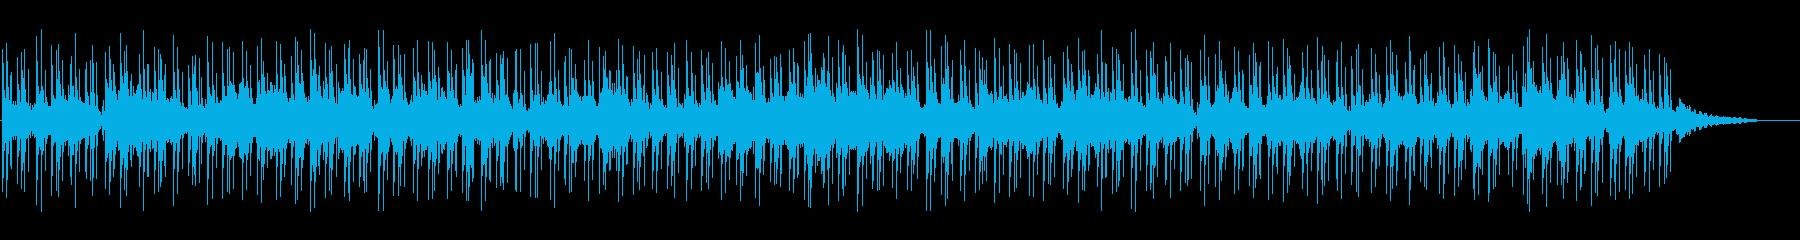 エレピ中心のおしゃれなチルアウトR&Bの再生済みの波形